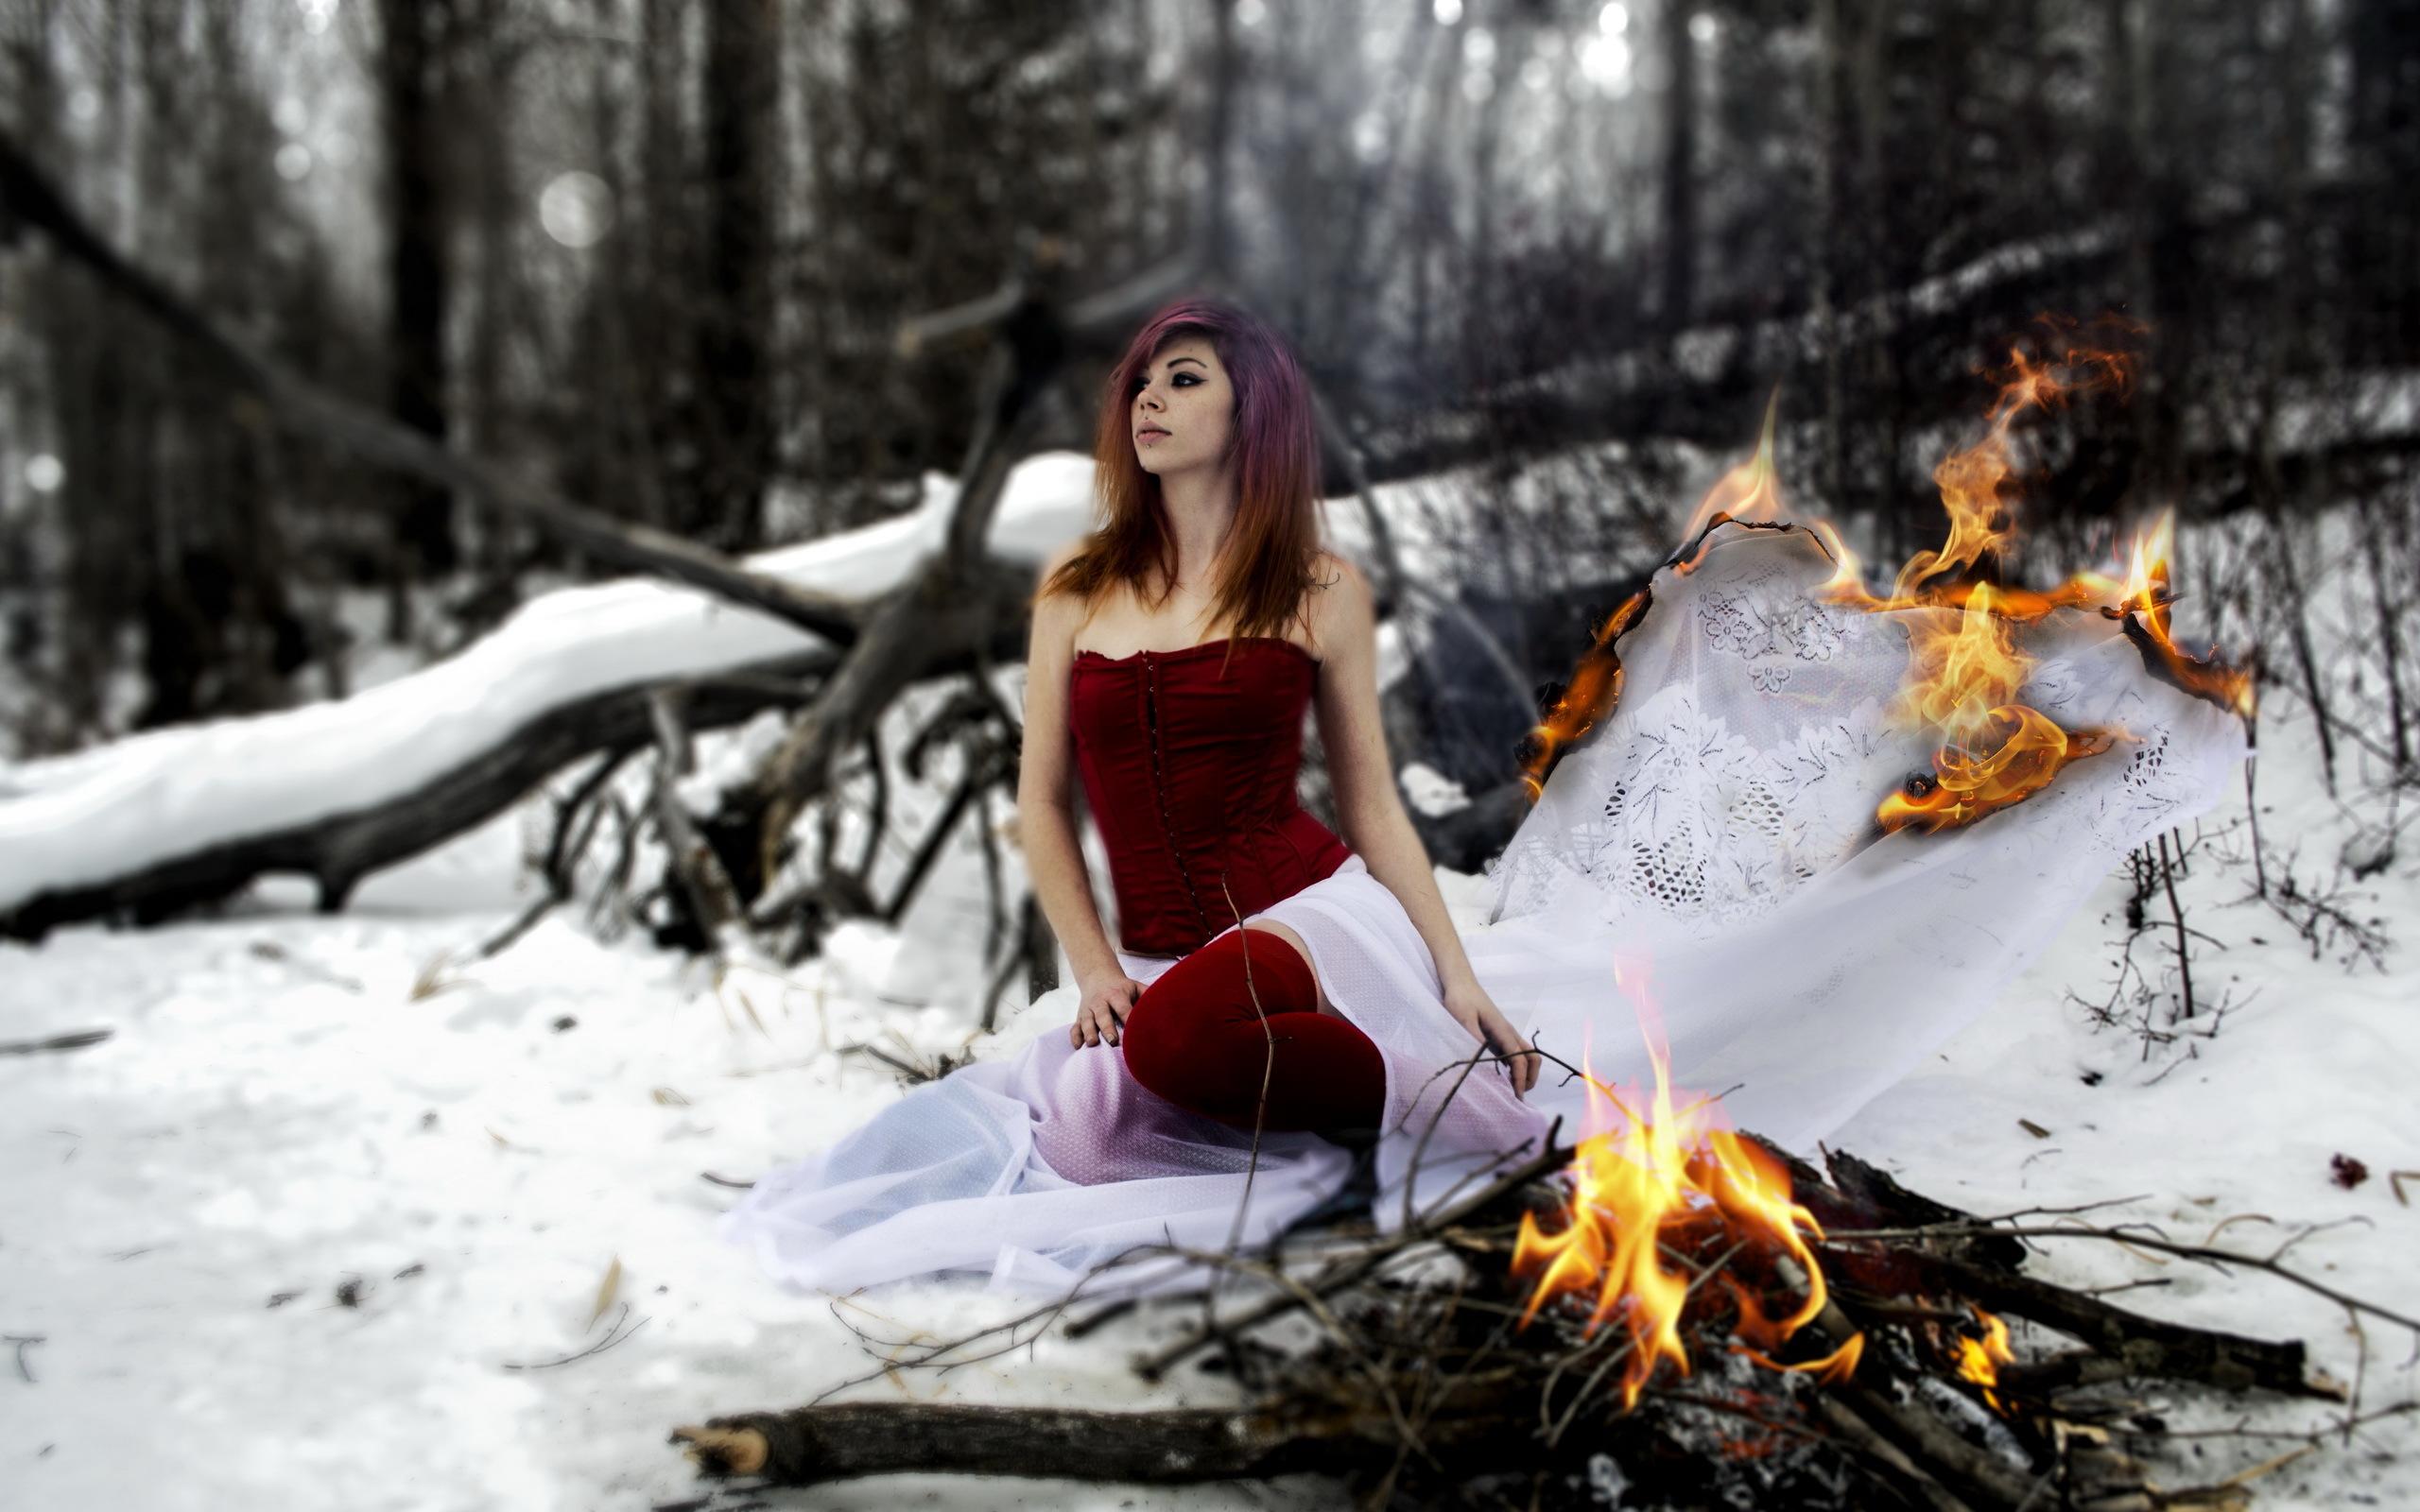 Фото красивых девушек зимой в лесу @ xxx-kartinki.ru